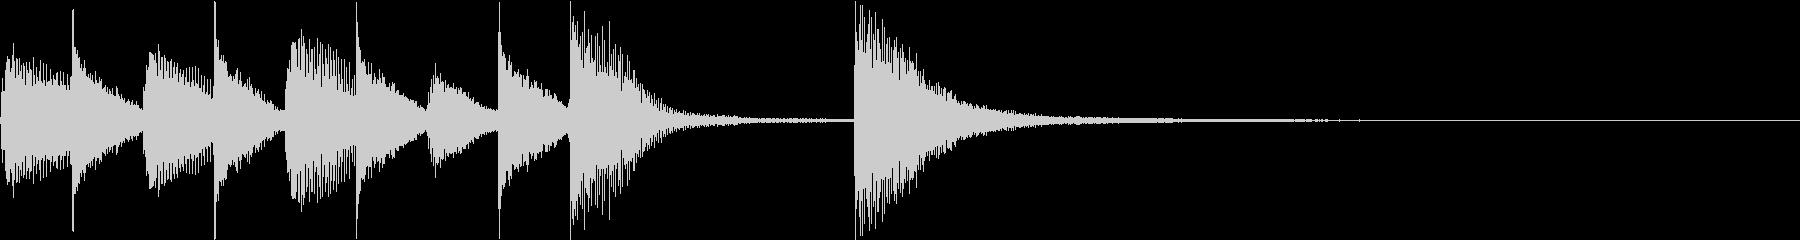 ピアノジングル 幼児向けアニメ系F-02の未再生の波形